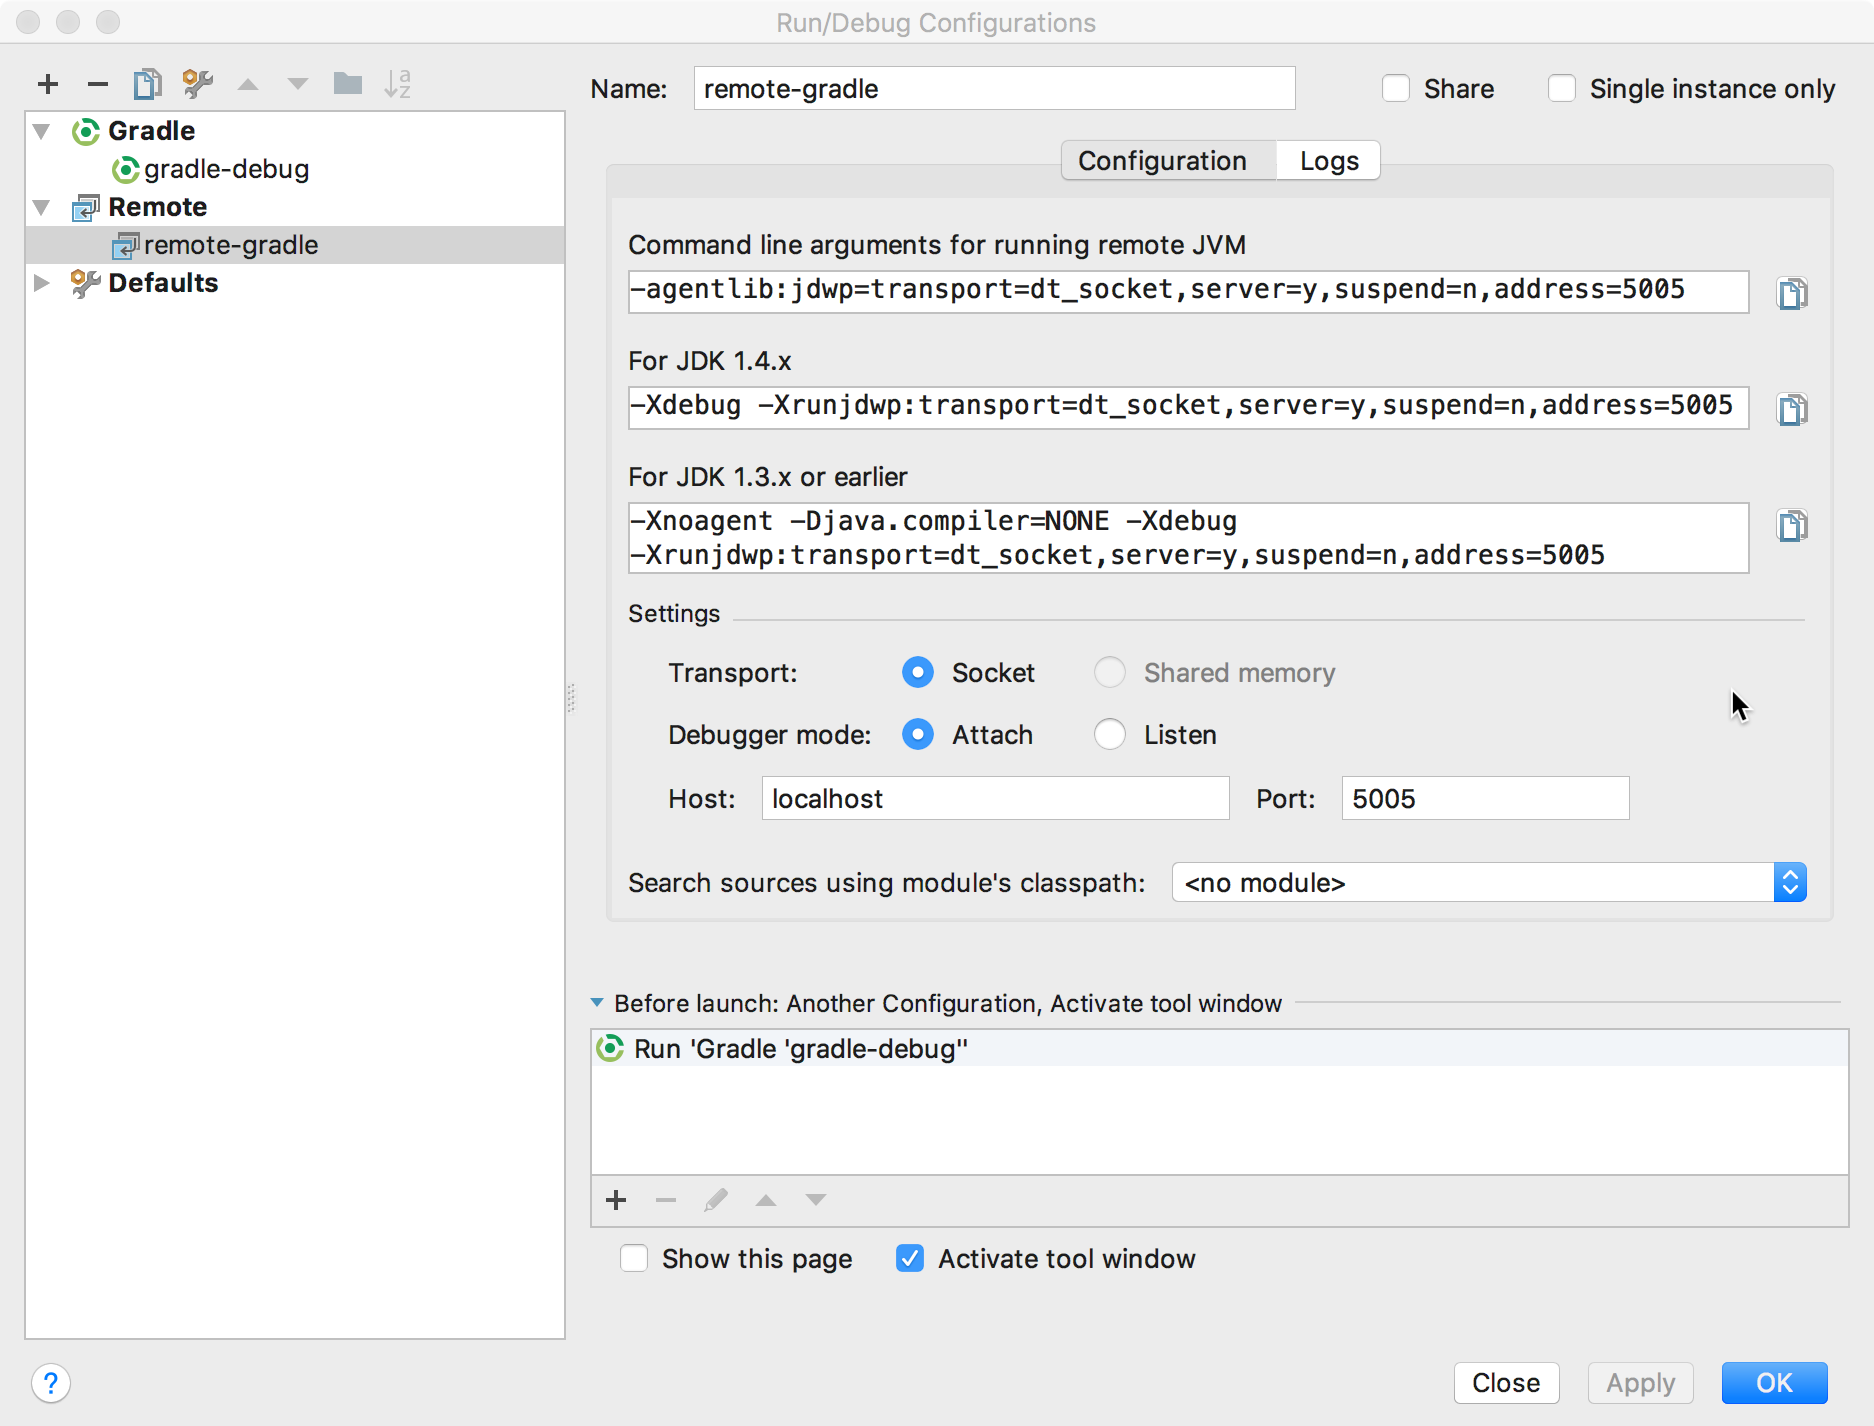 [Debug Configurations] ダイアログを示すスクリーンショット